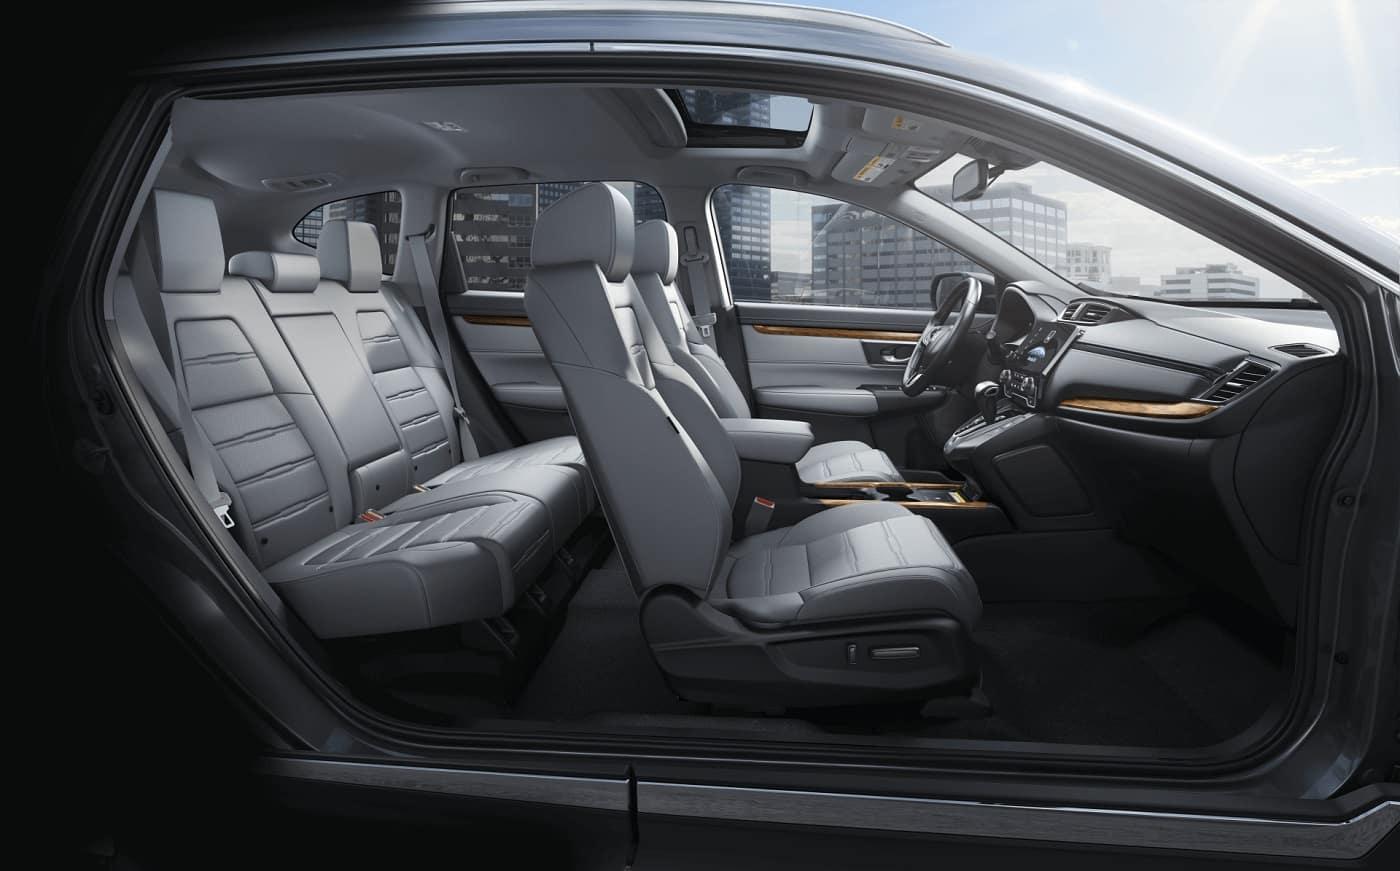 2020 Honda CR-V Interior Cabin